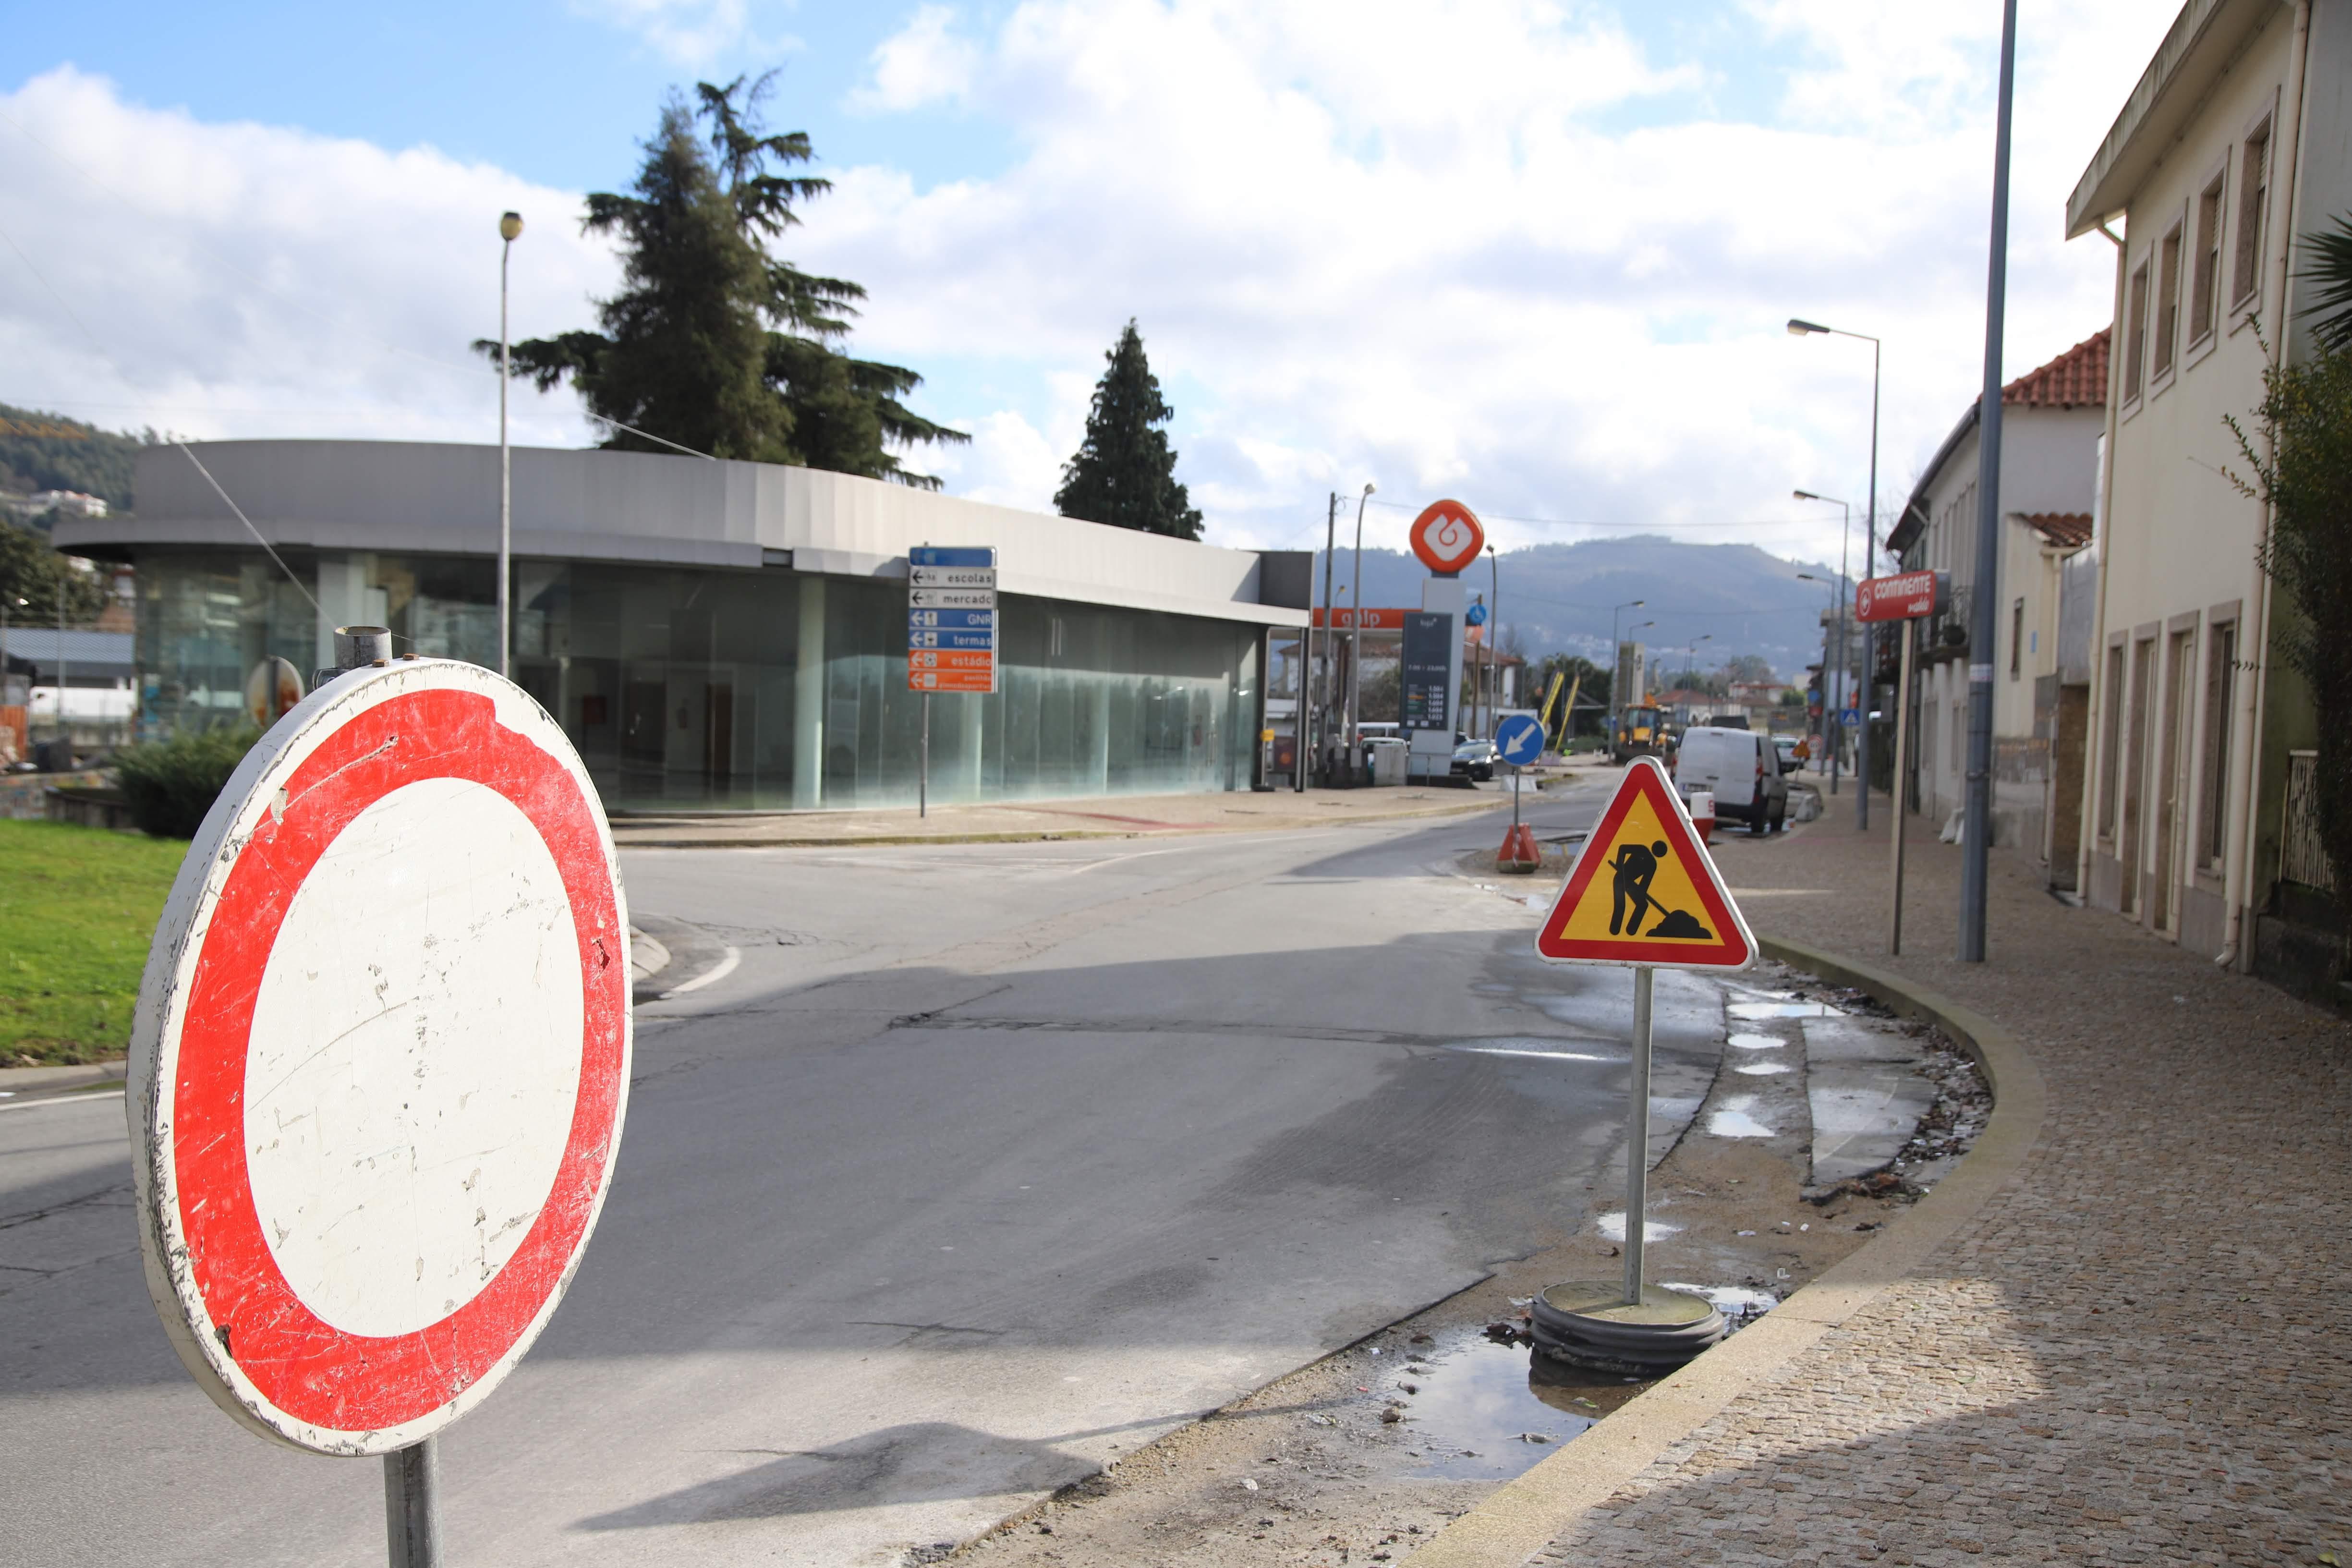 Alterações de trânsito para obra de requalificação da Av. Eng.º Sá e Melo